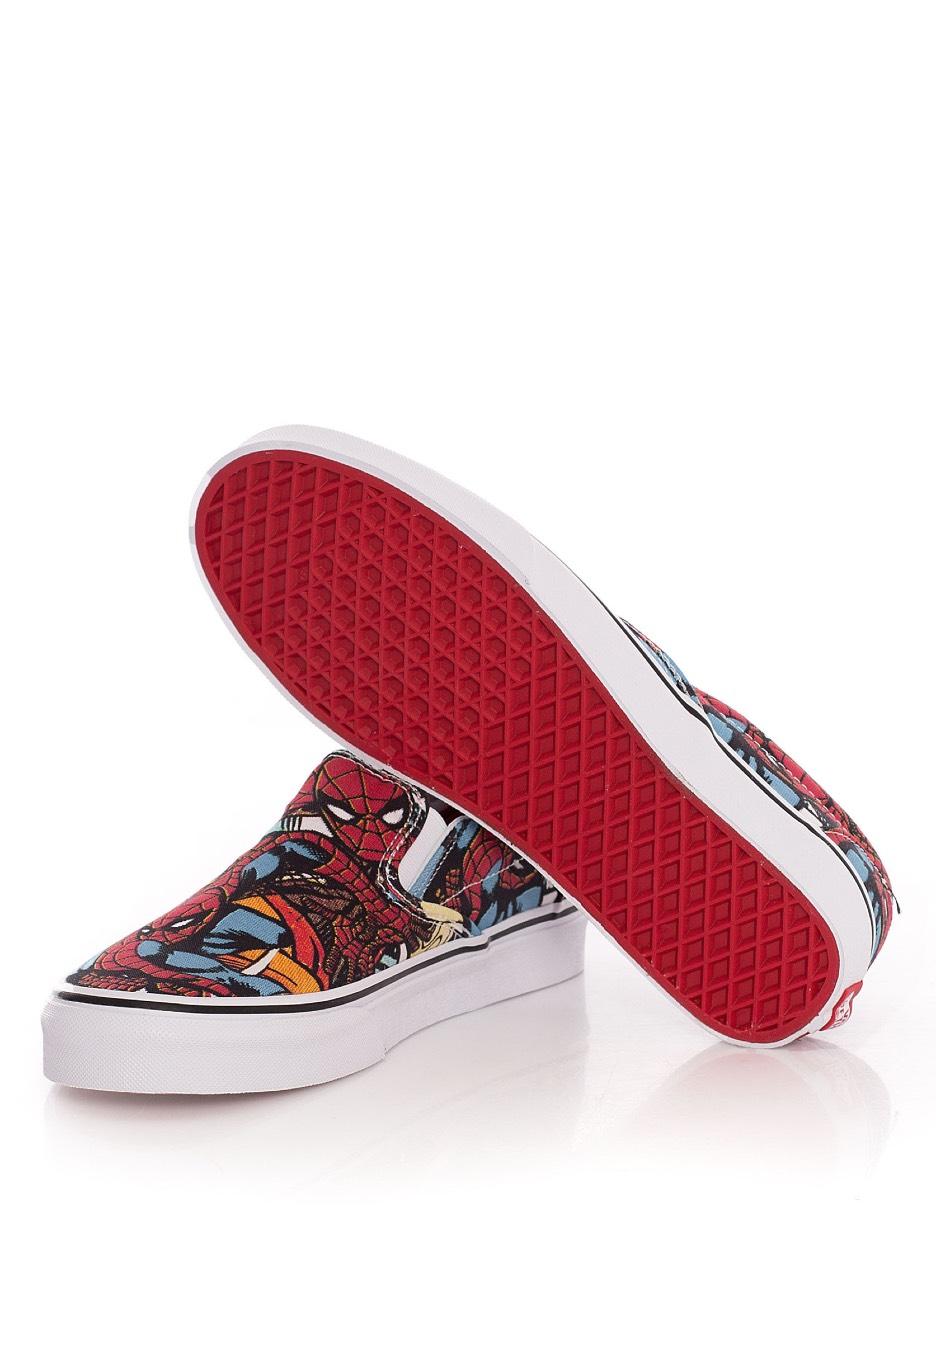 Classic Shoes x On Marvel Spiderman Slip Marvel Vans ETAfnwqA